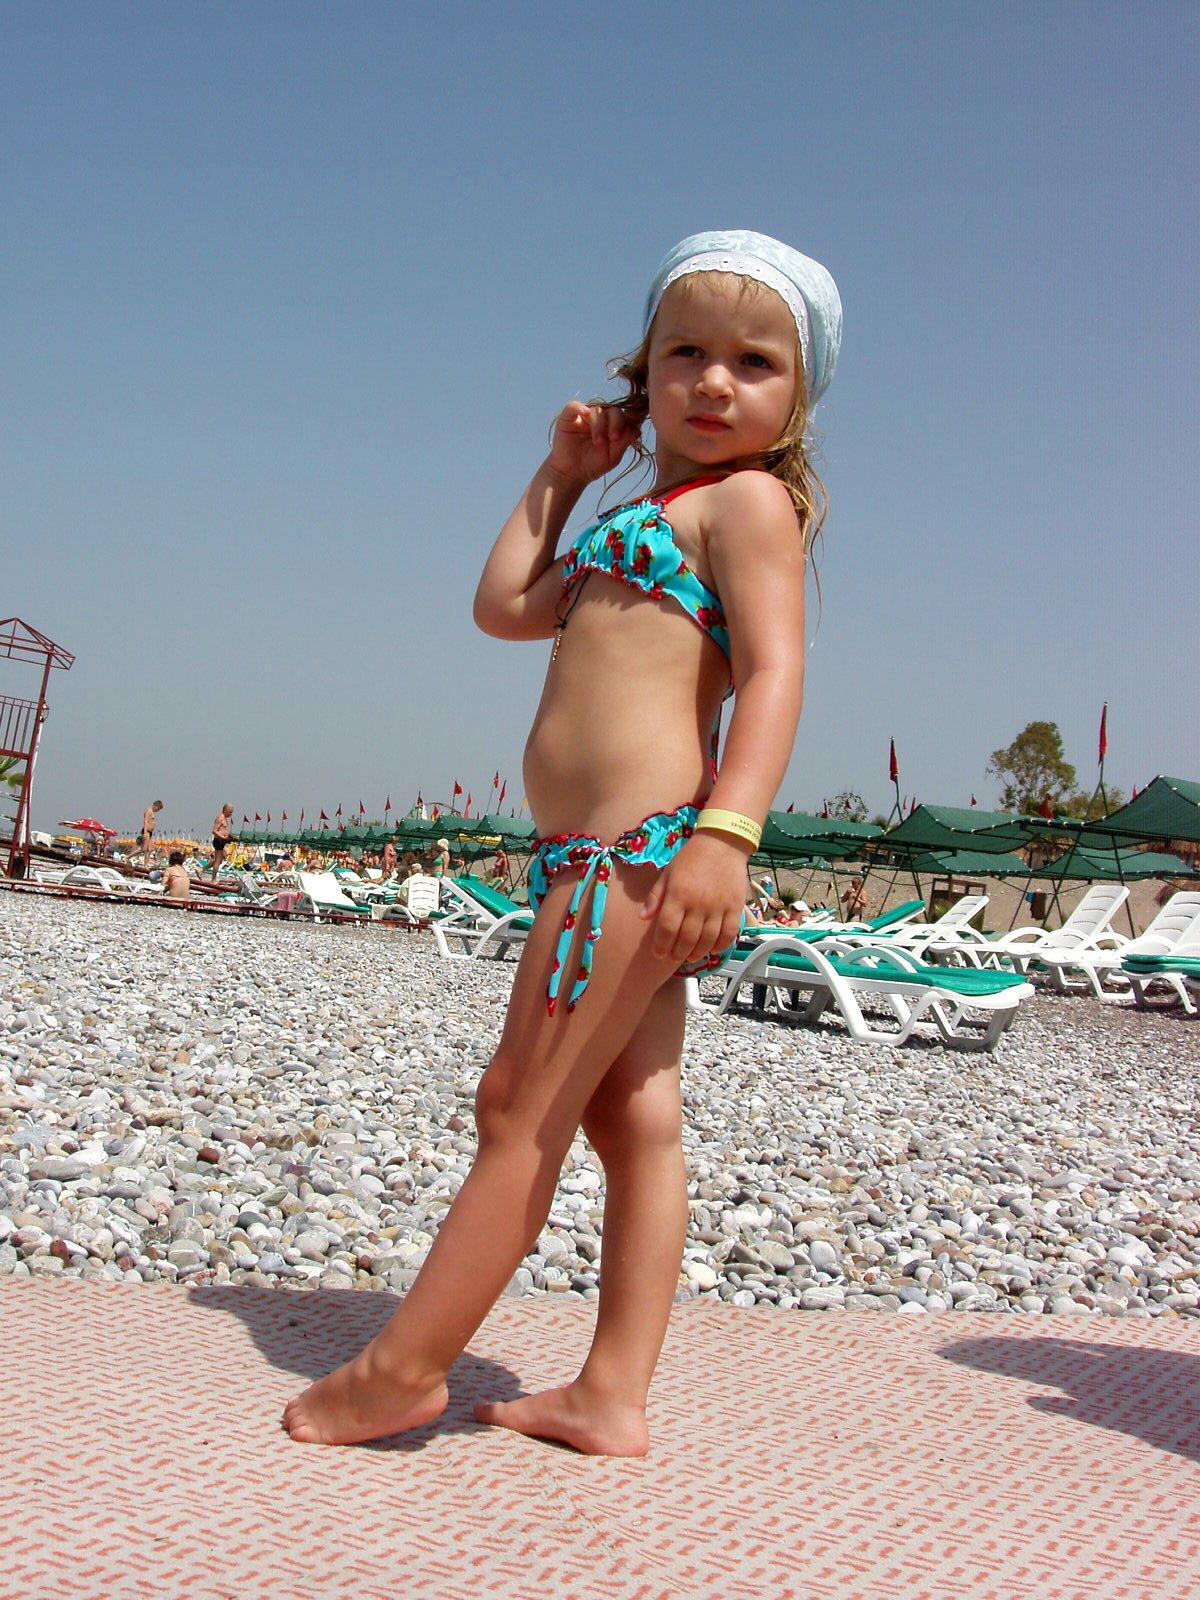 Мое первое бикини с морем цвета одного. Мини-бикини